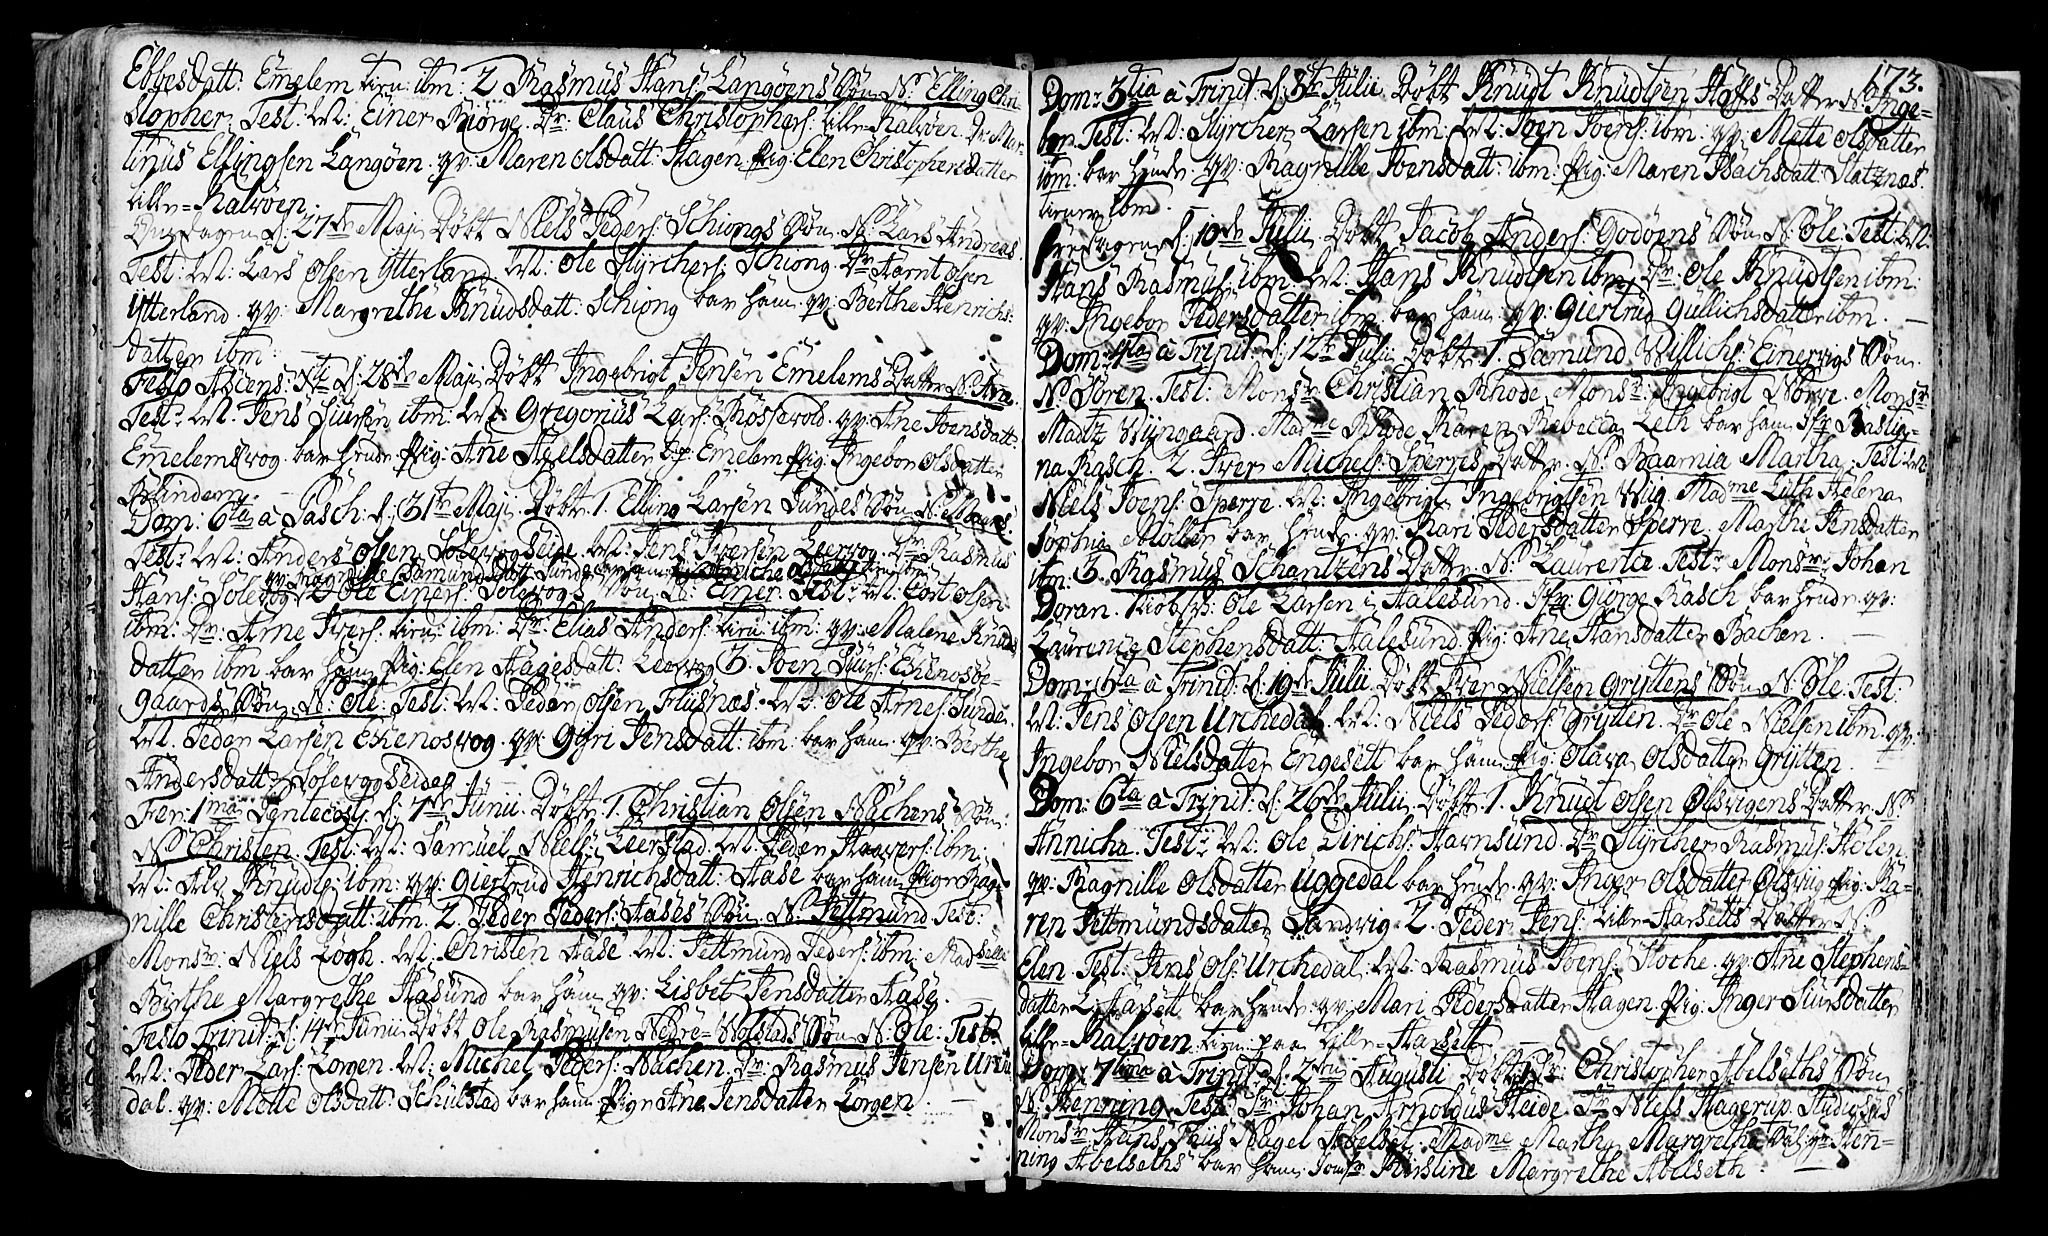 SAT, Ministerialprotokoller, klokkerbøker og fødselsregistre - Møre og Romsdal, 528/L0392: Ministerialbok nr. 528A03, 1762-1800, s. 173